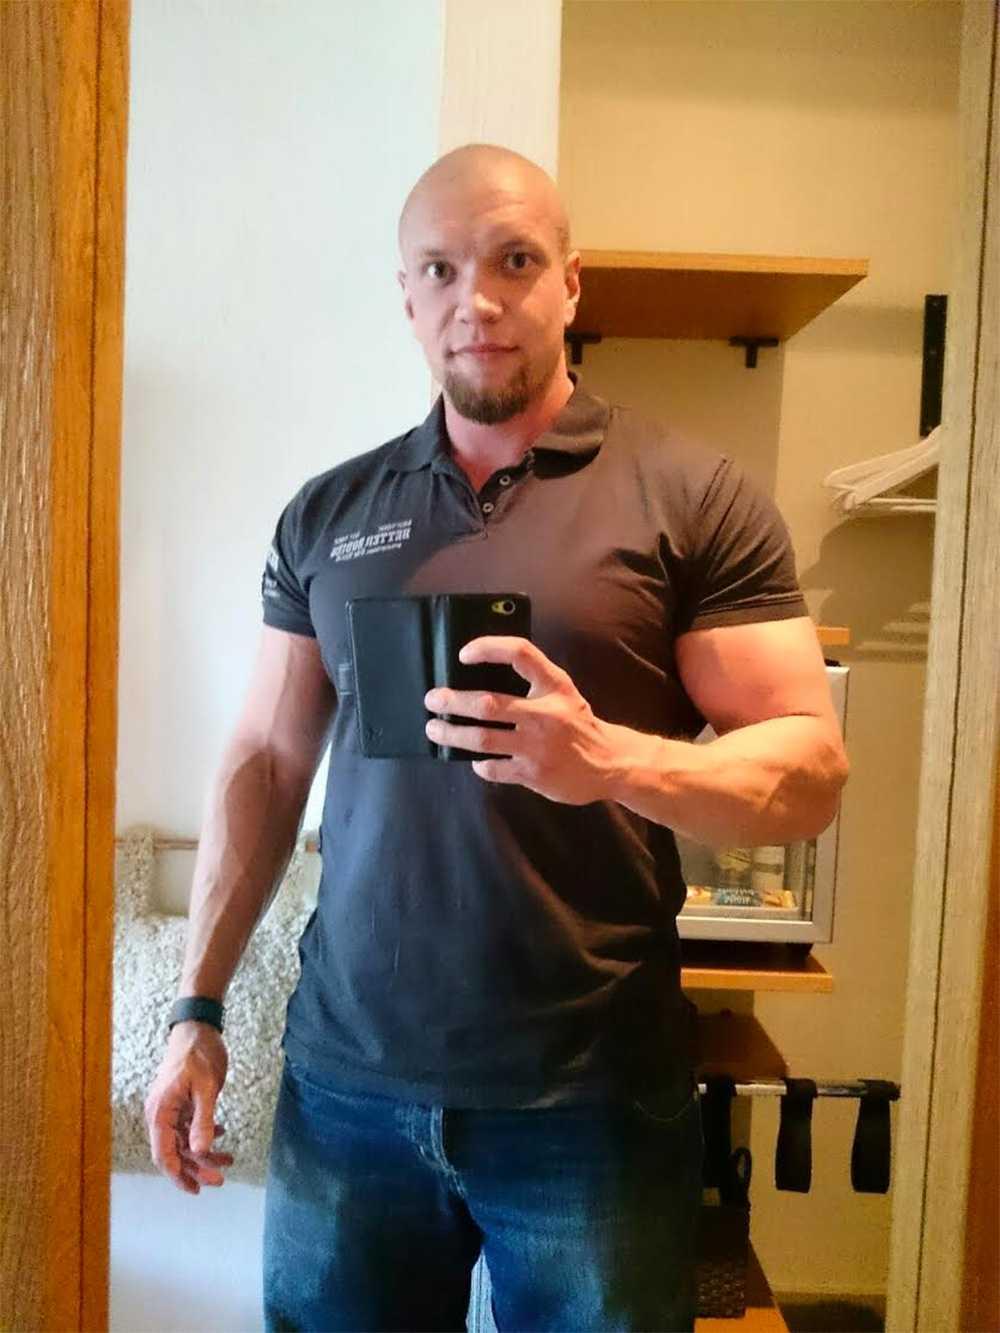 Kristoffer Nordlund, 30.